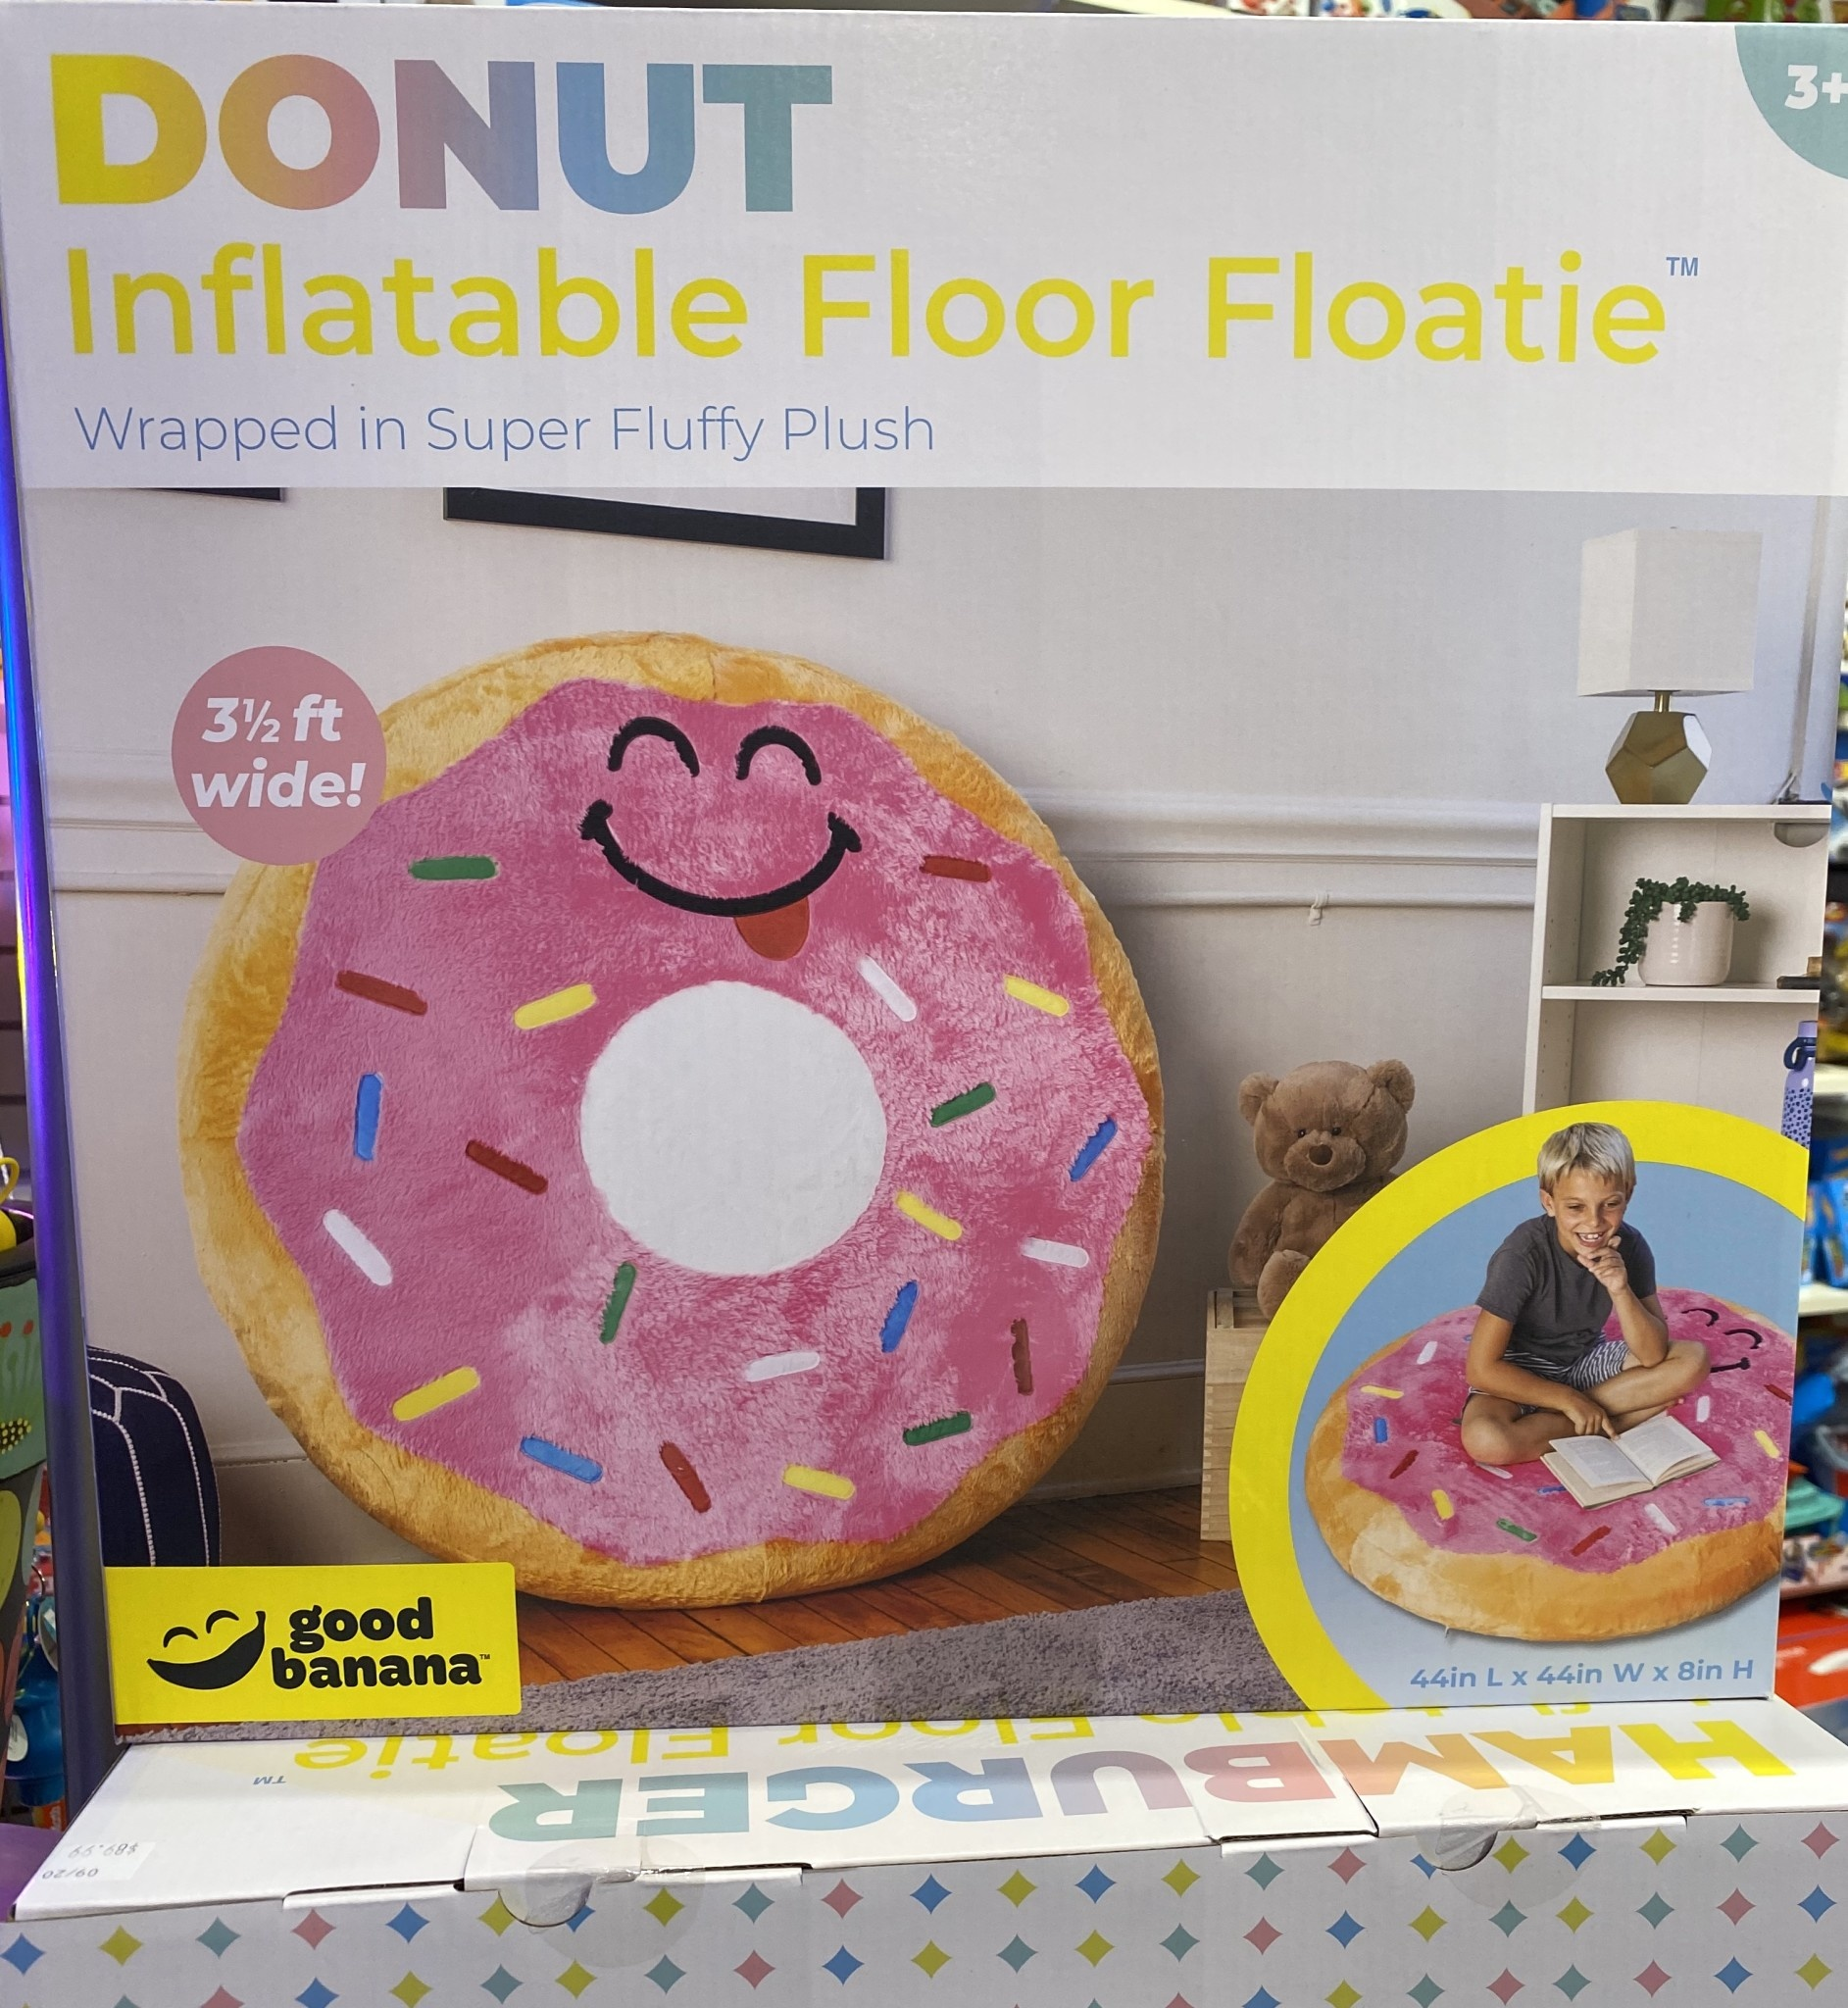 Donut Inflatable Floor Floatie-2